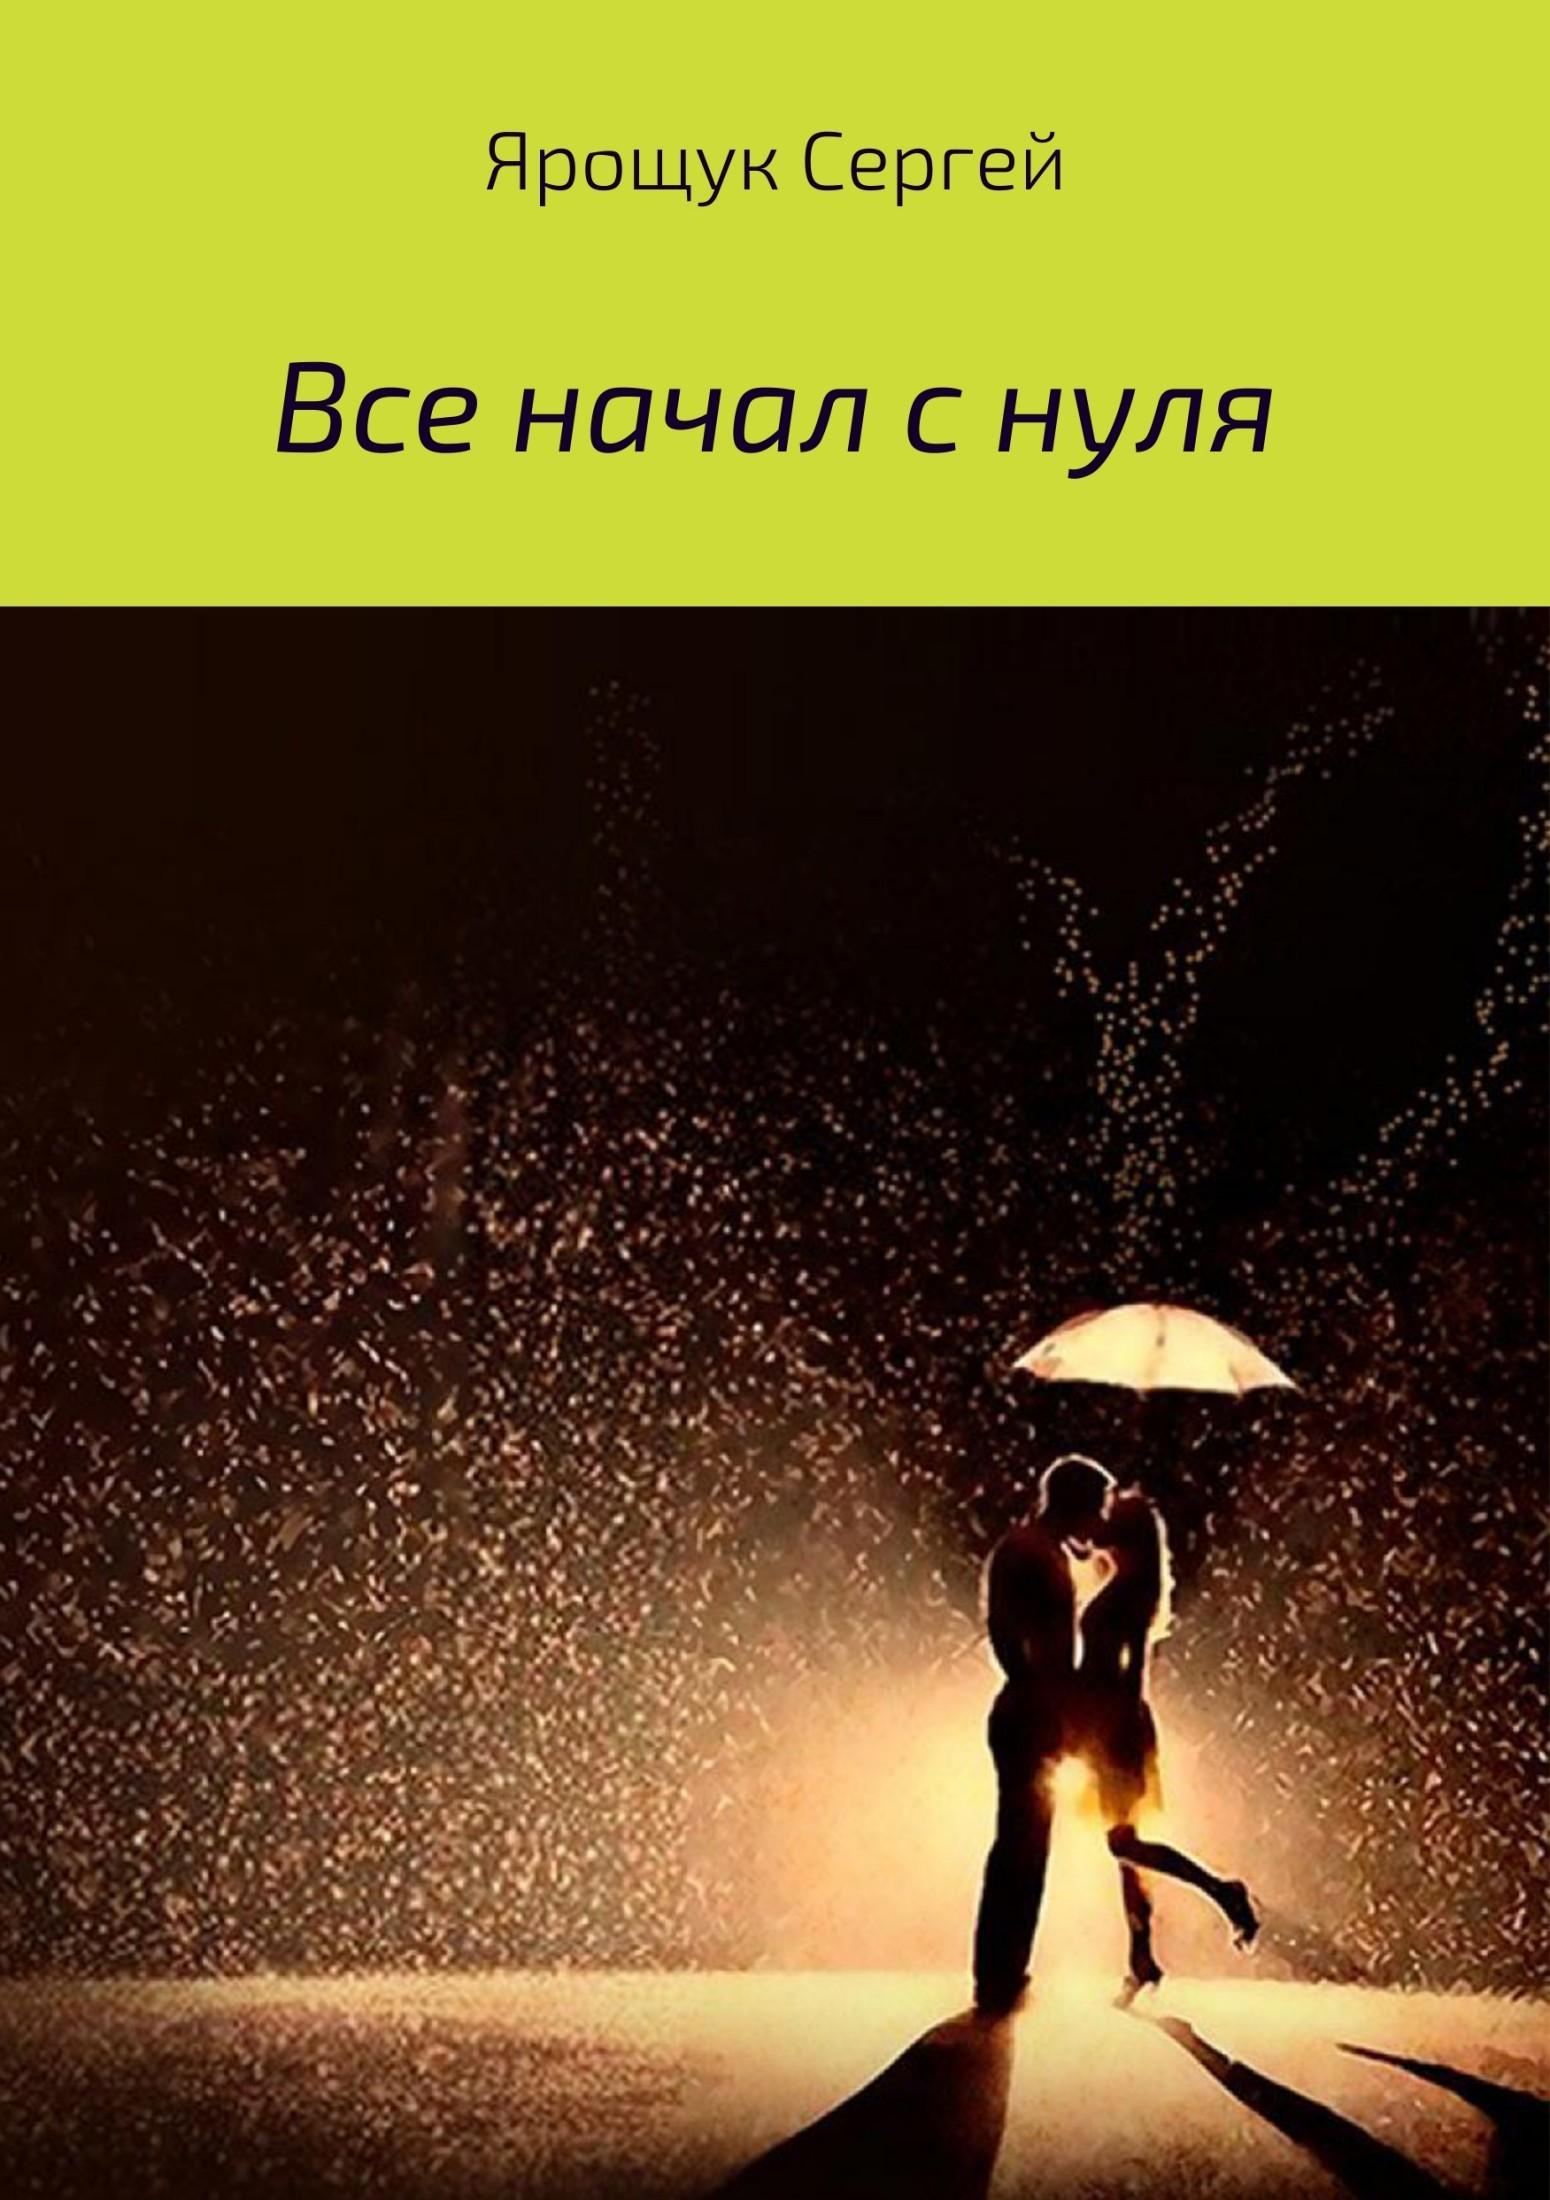 Сергей Ярощук бесплатно